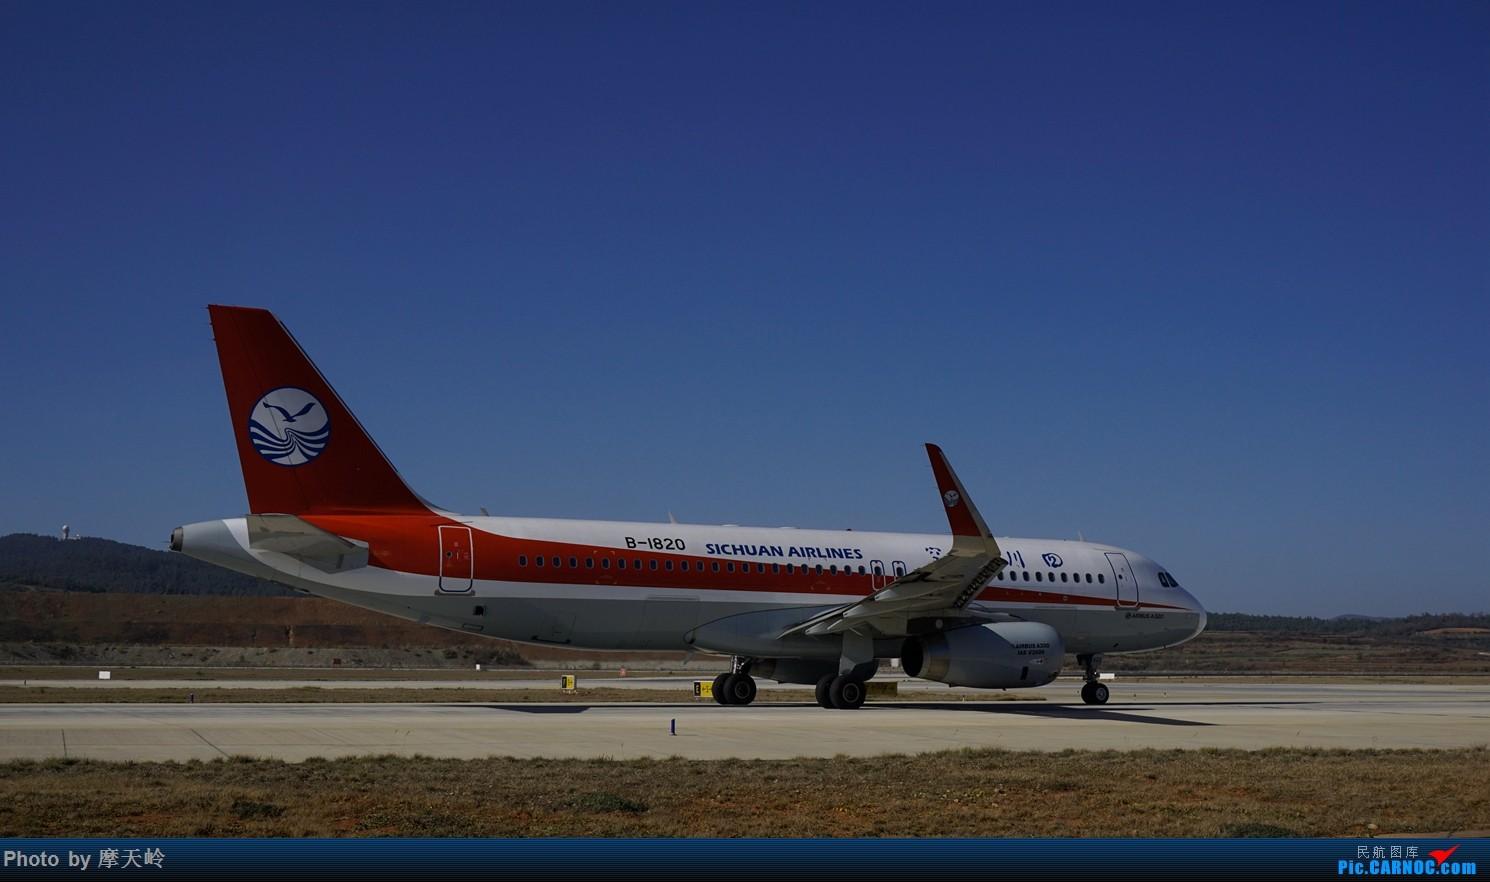 Re:[原创]长水一组 AIRBUS A320-200 B-1820 中国昆明长水国际机场机场